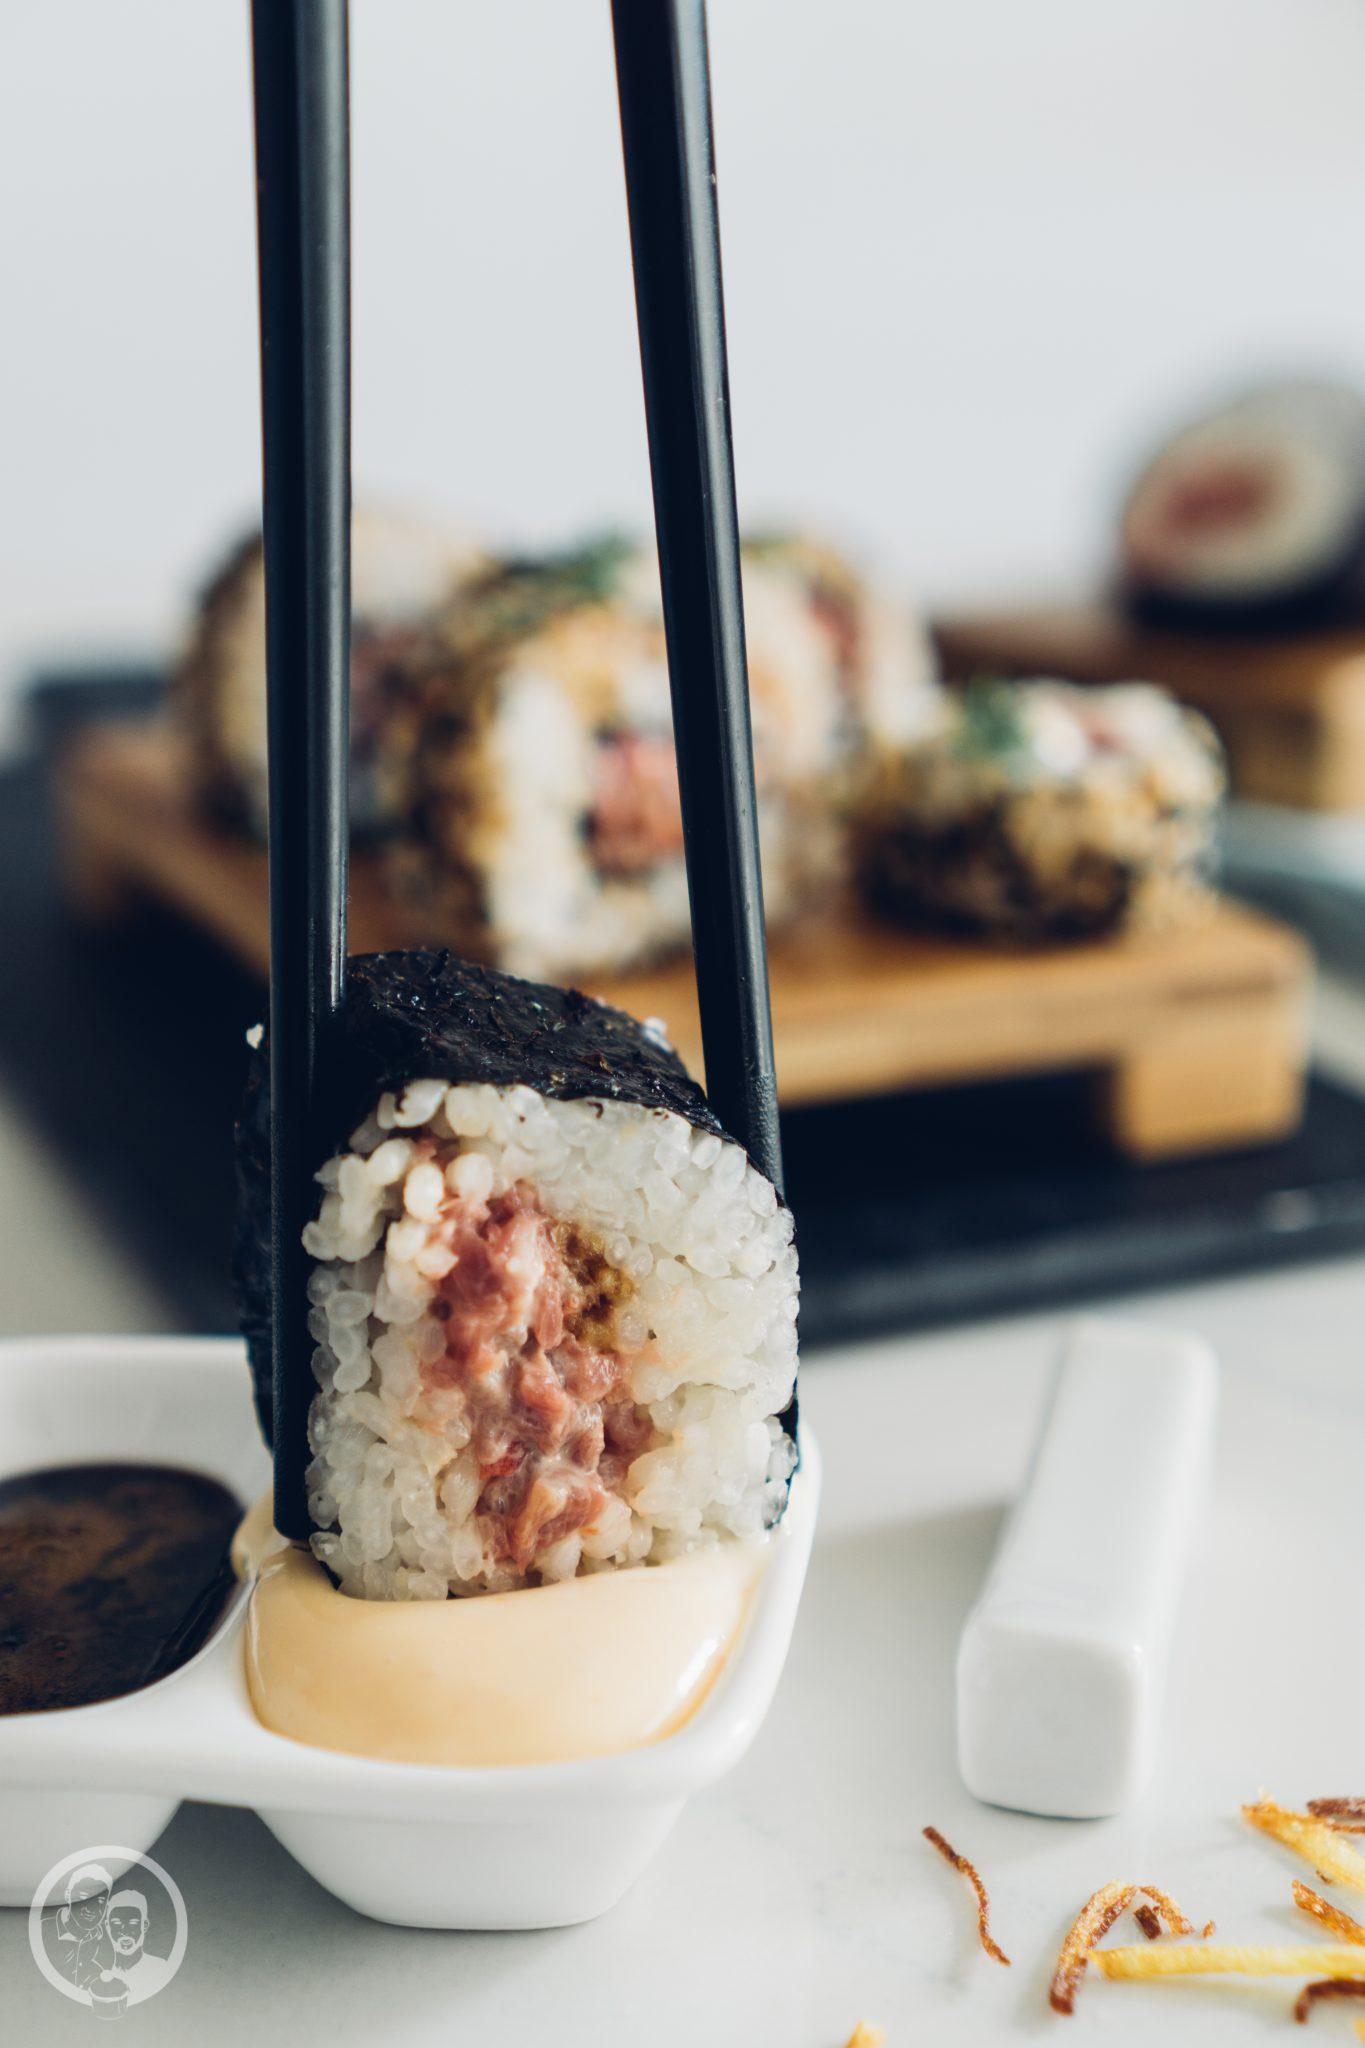 Sushi 1   Heute möchten wir euch von einem Foodie-Tag der Extraklasse durch Marburg berichten, dass ist nämlich schon lange überfällig. Die Vila Vita Marburghat gemeinsam mit Cat von Schlemmerkatze zum Schlemmertag gerufen und da sagen wir definitiv nicht nein zu.Die Vila Vita kennen wir ja schon seit der Landpartie im letzten Jahr und im Märzdurften wir den Genusstempel in seiner ganzen Vielfalt erleben. Zum Abschluss wurde dann auch noch gemeinsam gekocht und unseren Favorit von diesem Abend, stellen wir euch heute vor - Spicy Tartar Roll!